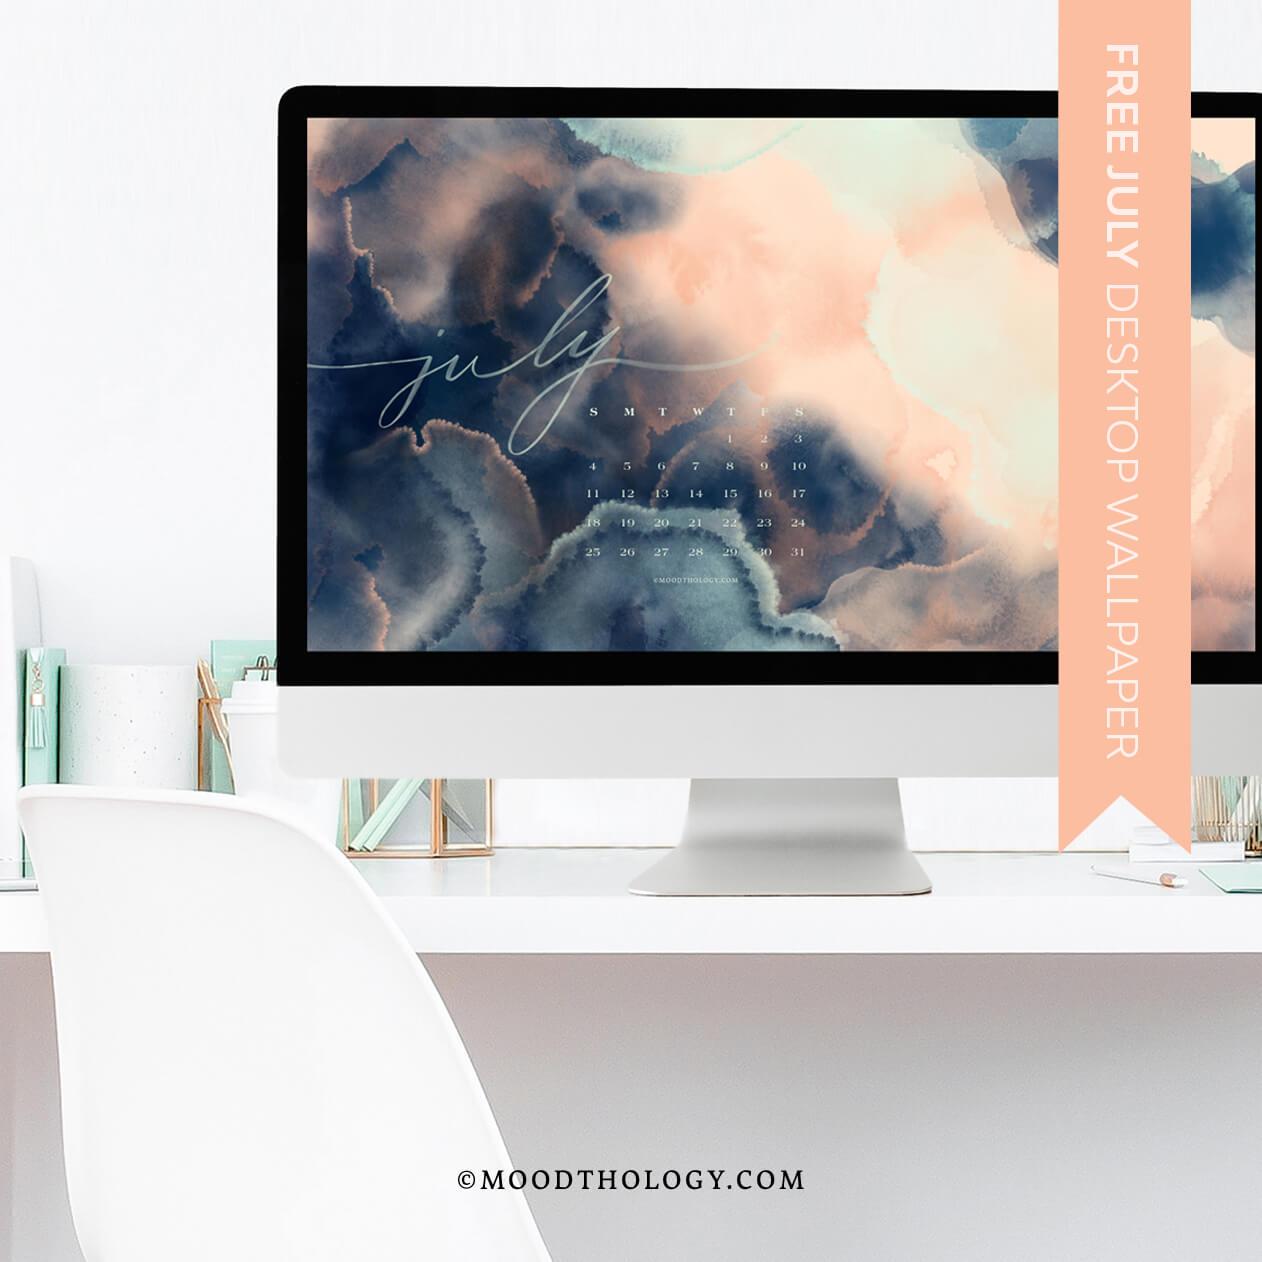 Moodthology Papery Julu 2021 Free Desktop Wallpaper Art